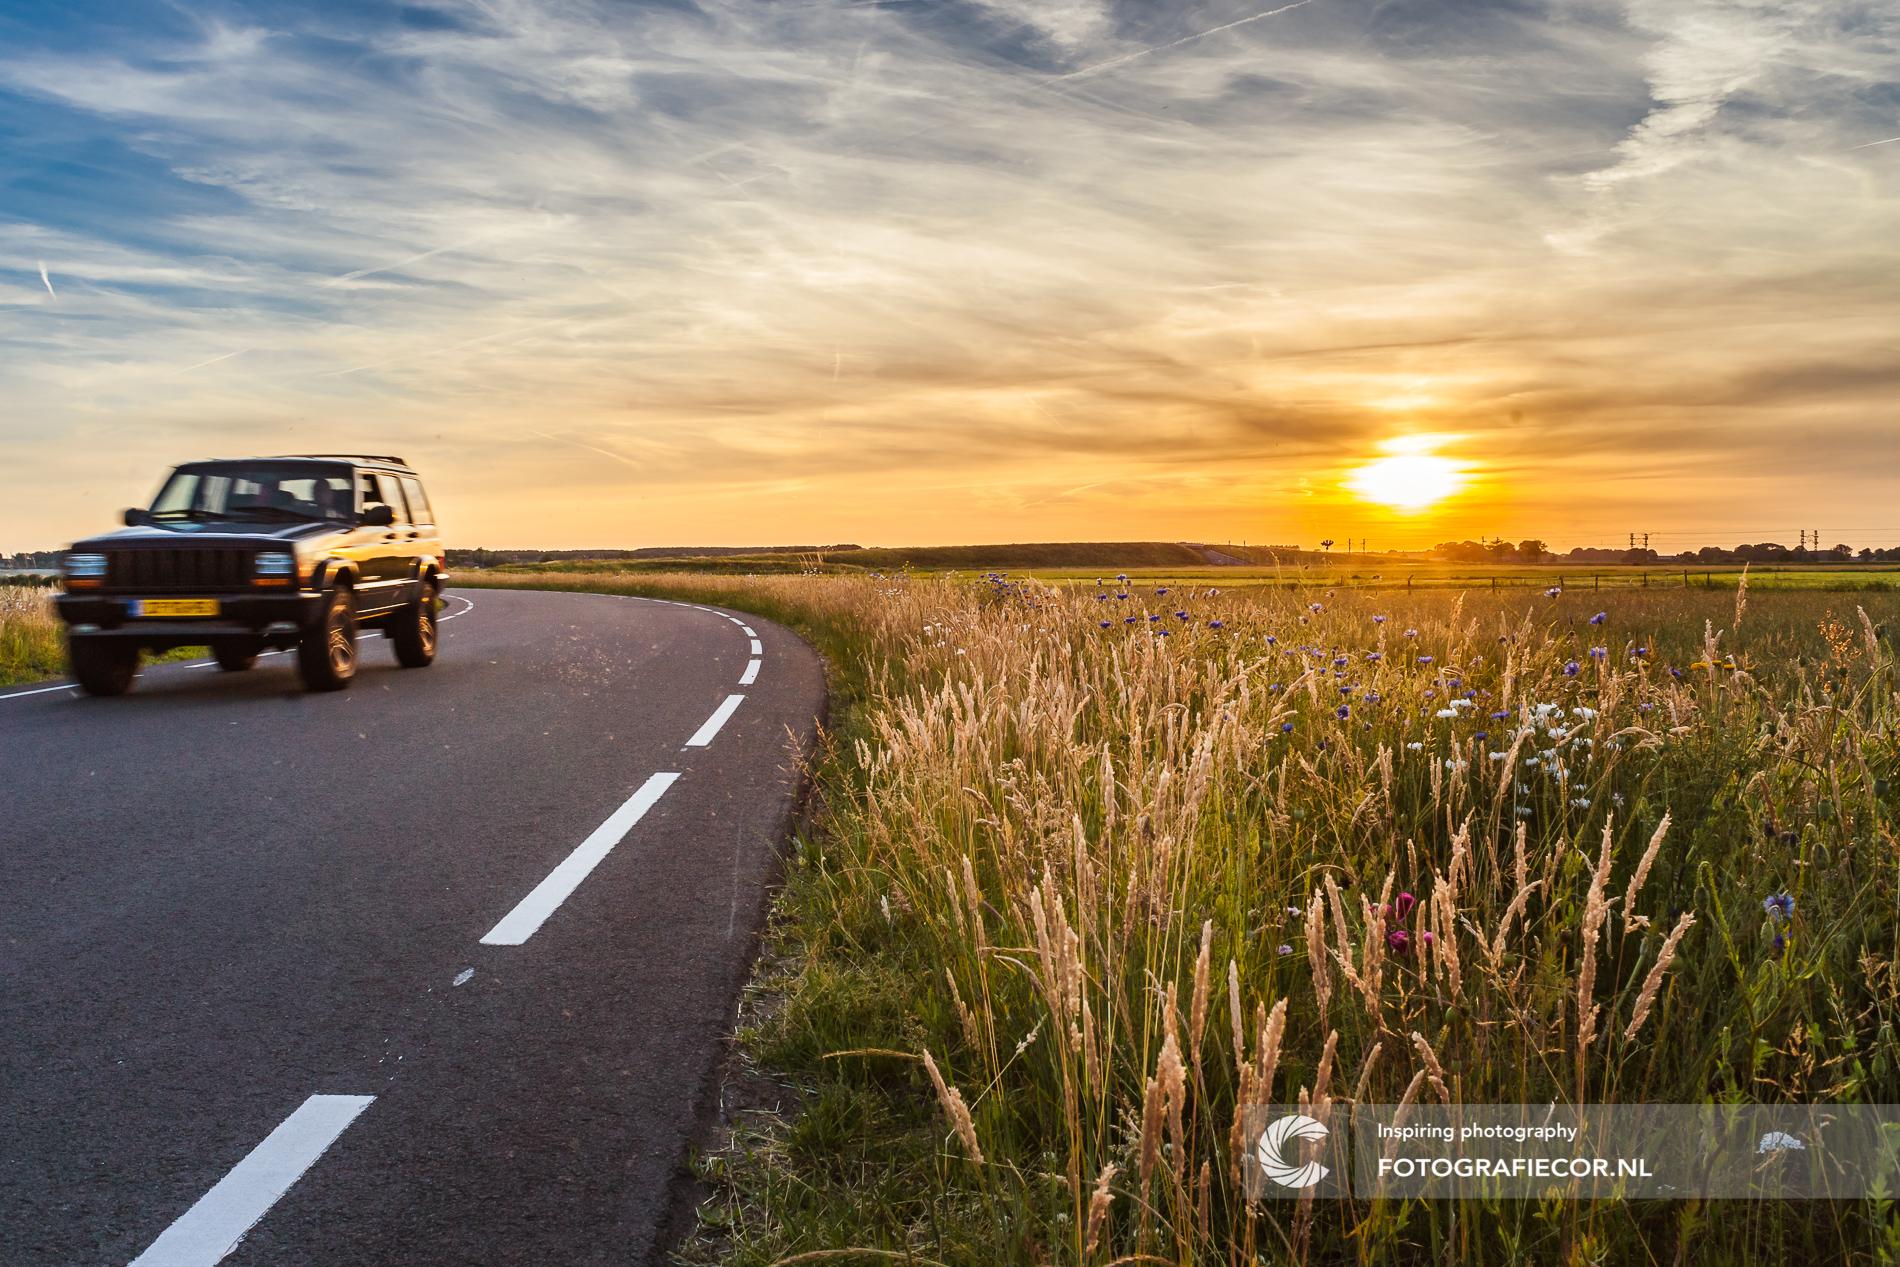 Auto rijdt tussen de weiland tijdens zonsondergang | Kampen | landschap | bypass